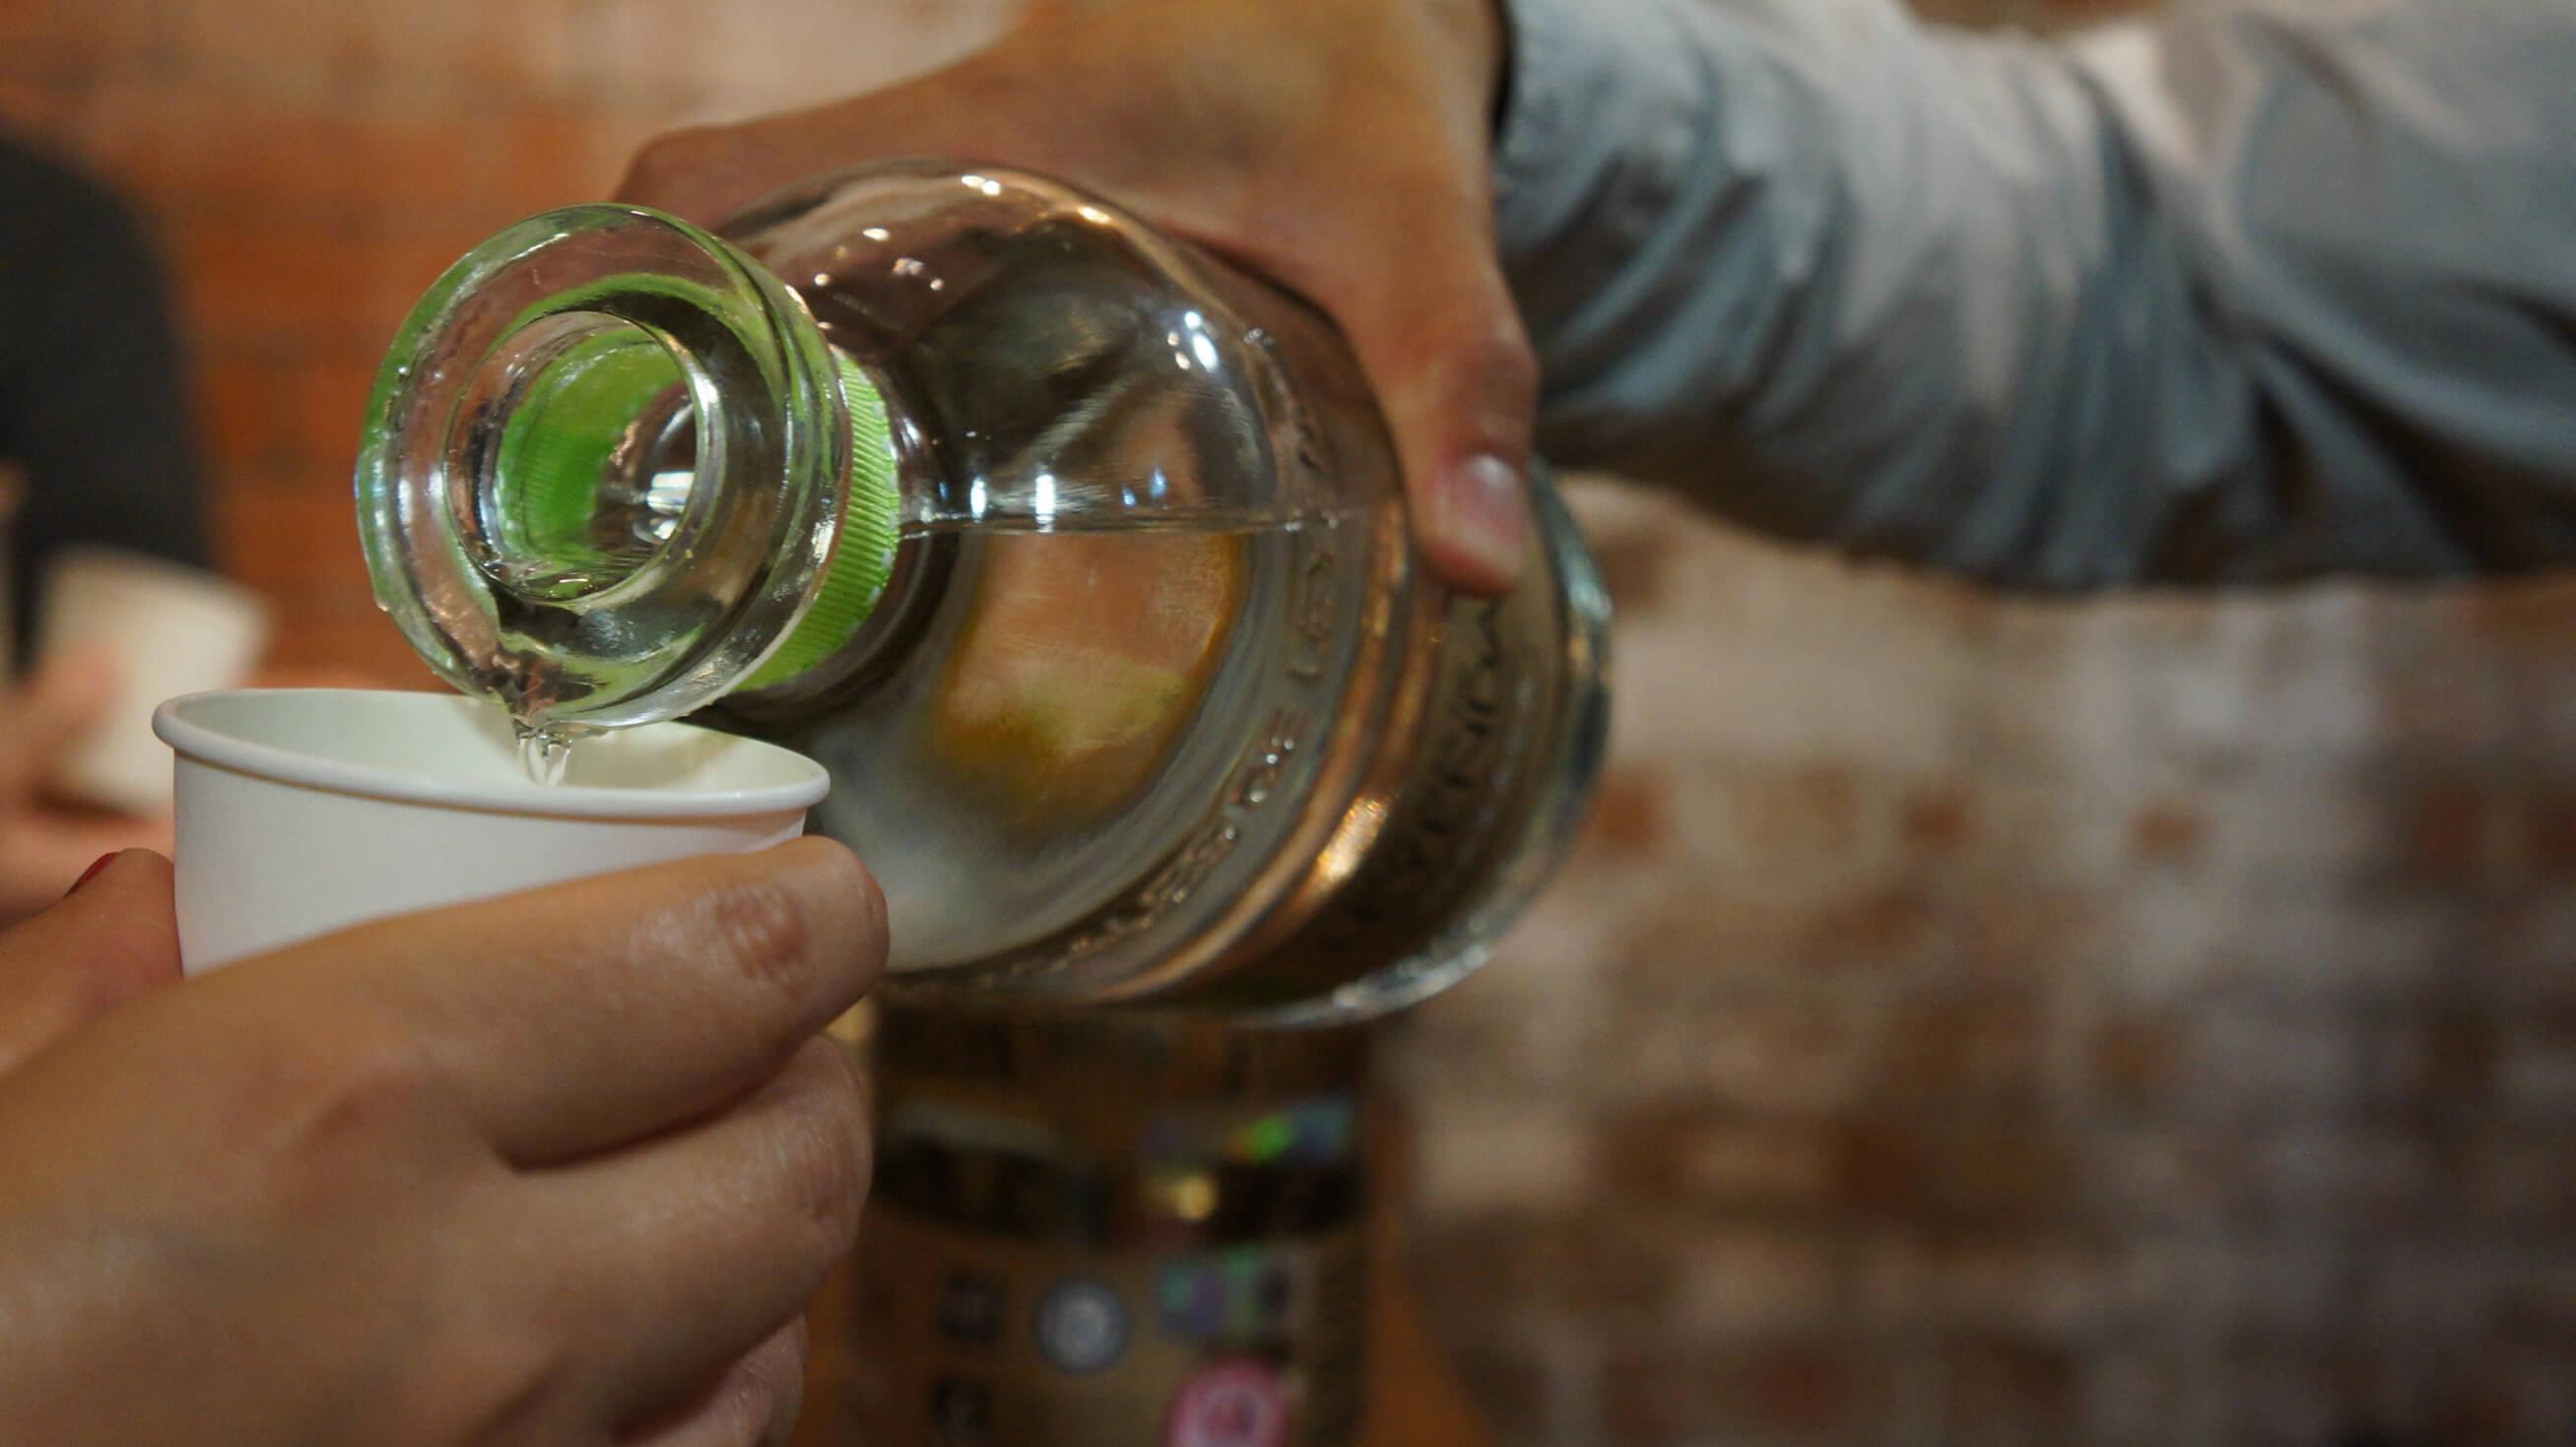 Mexicanos gastan 16% de su aguinaldo en bebidas alcohólicas